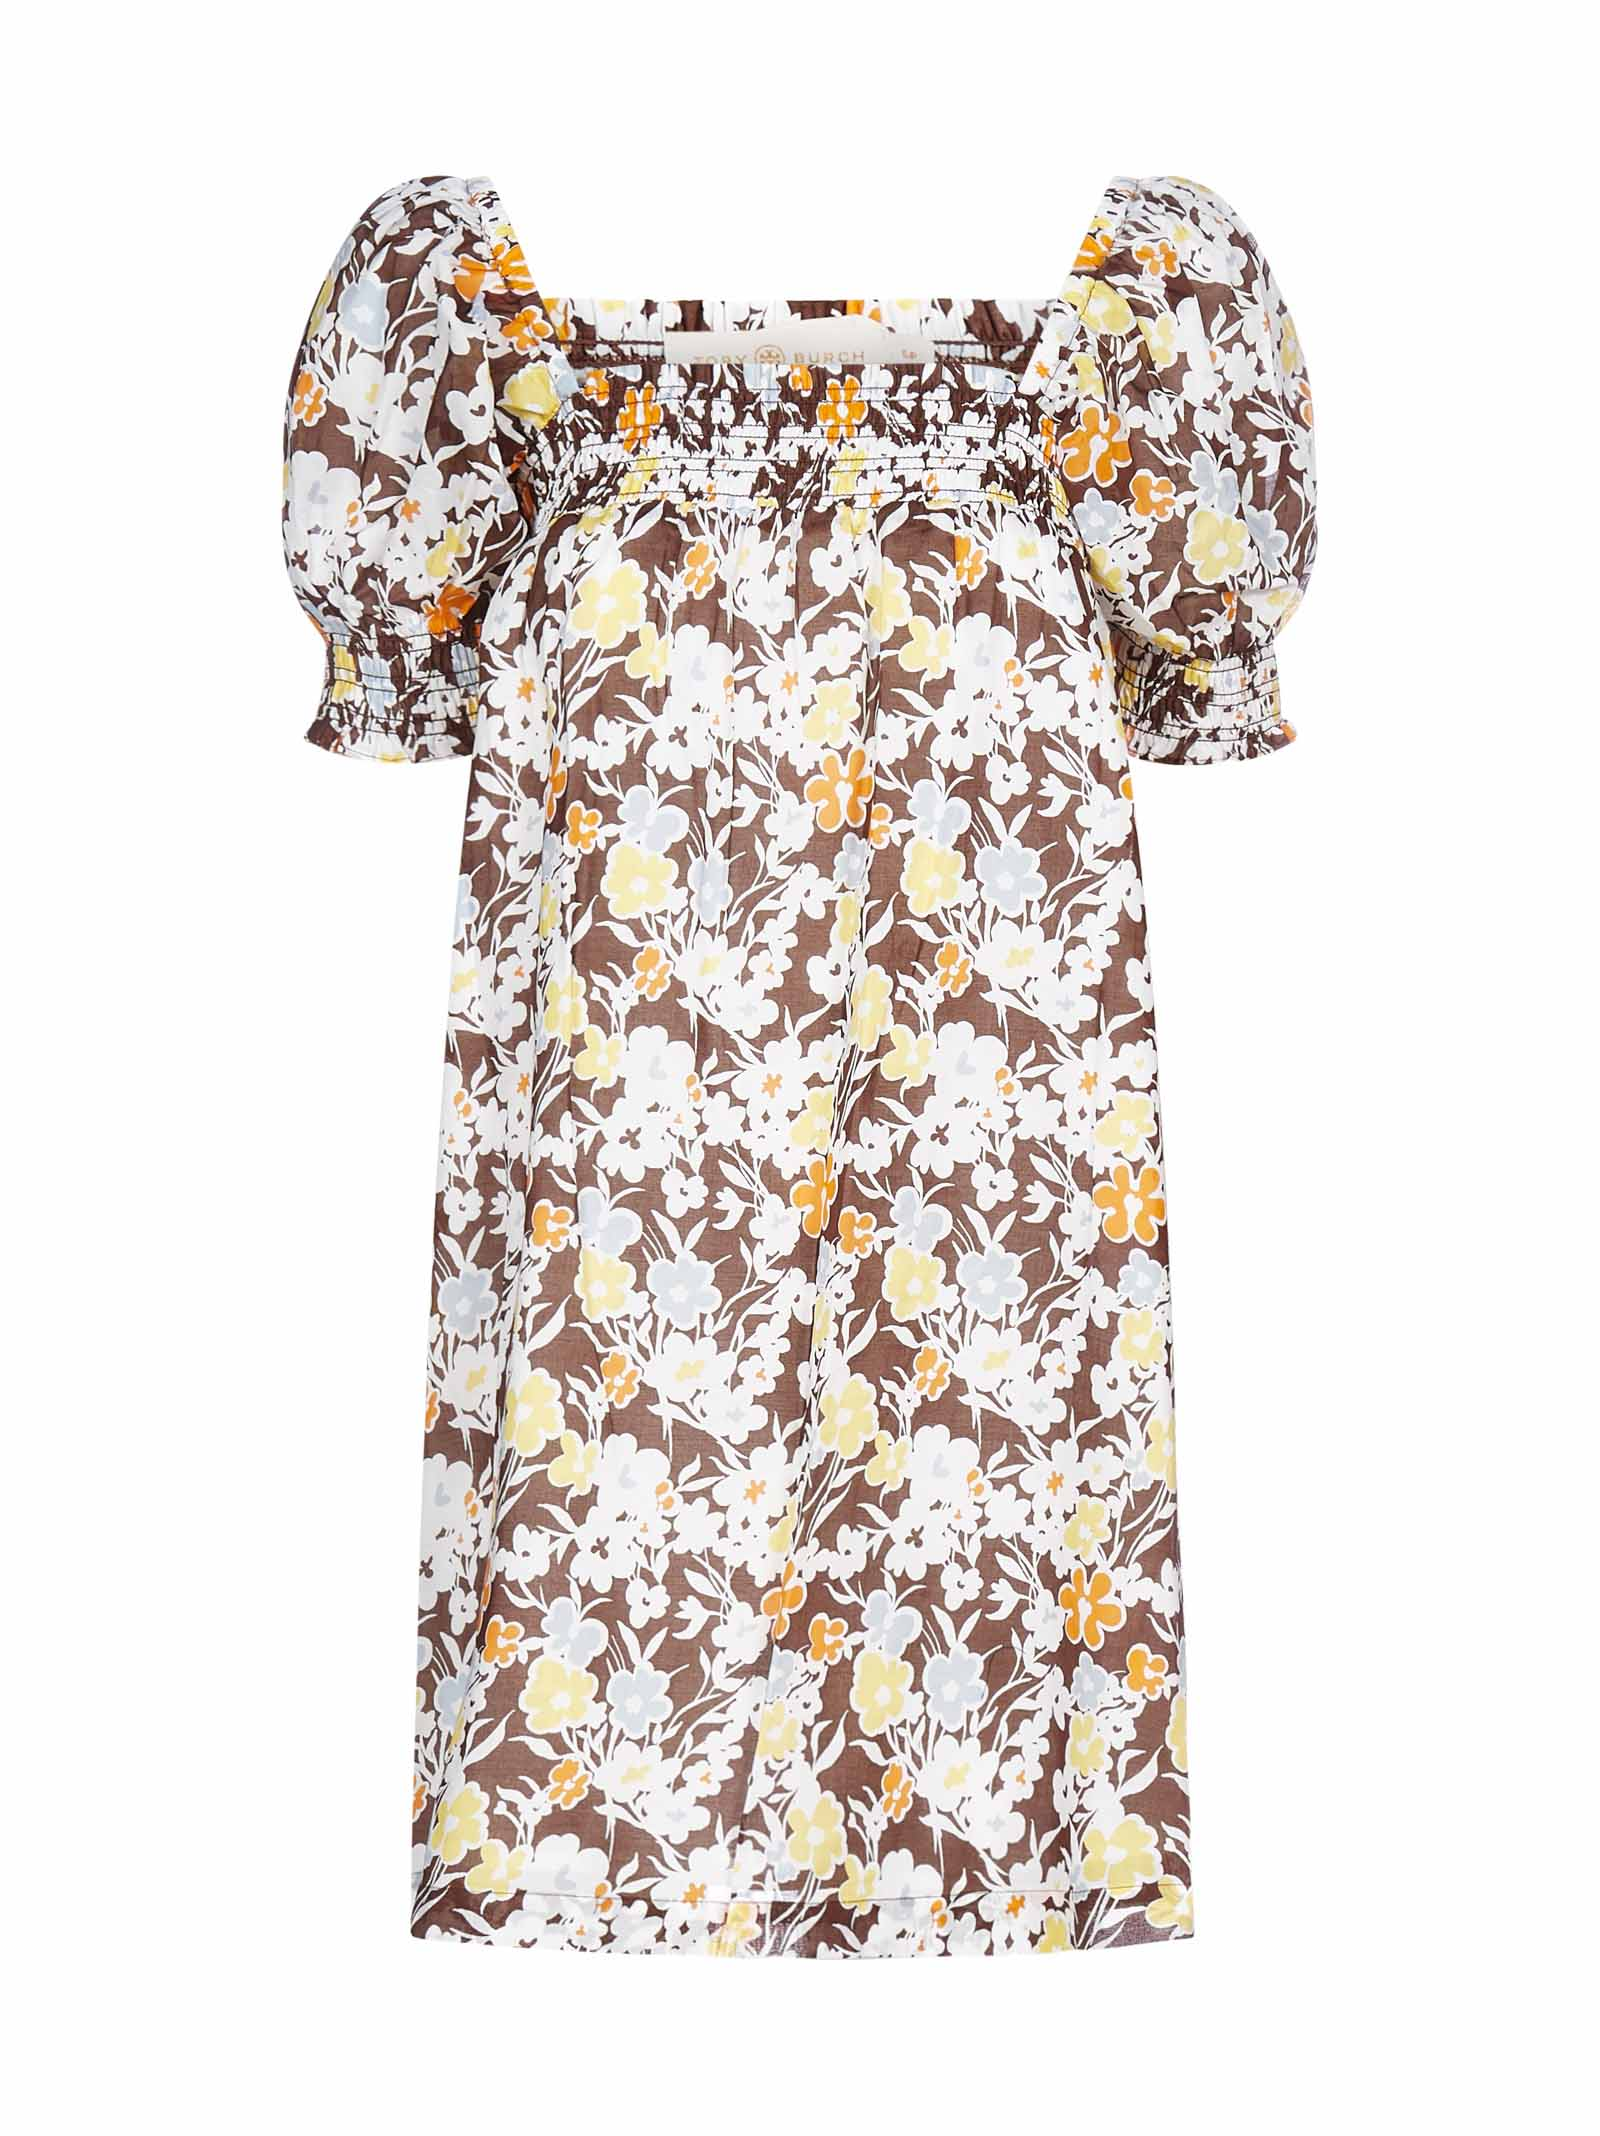 Tory Burch Cottons DRESS